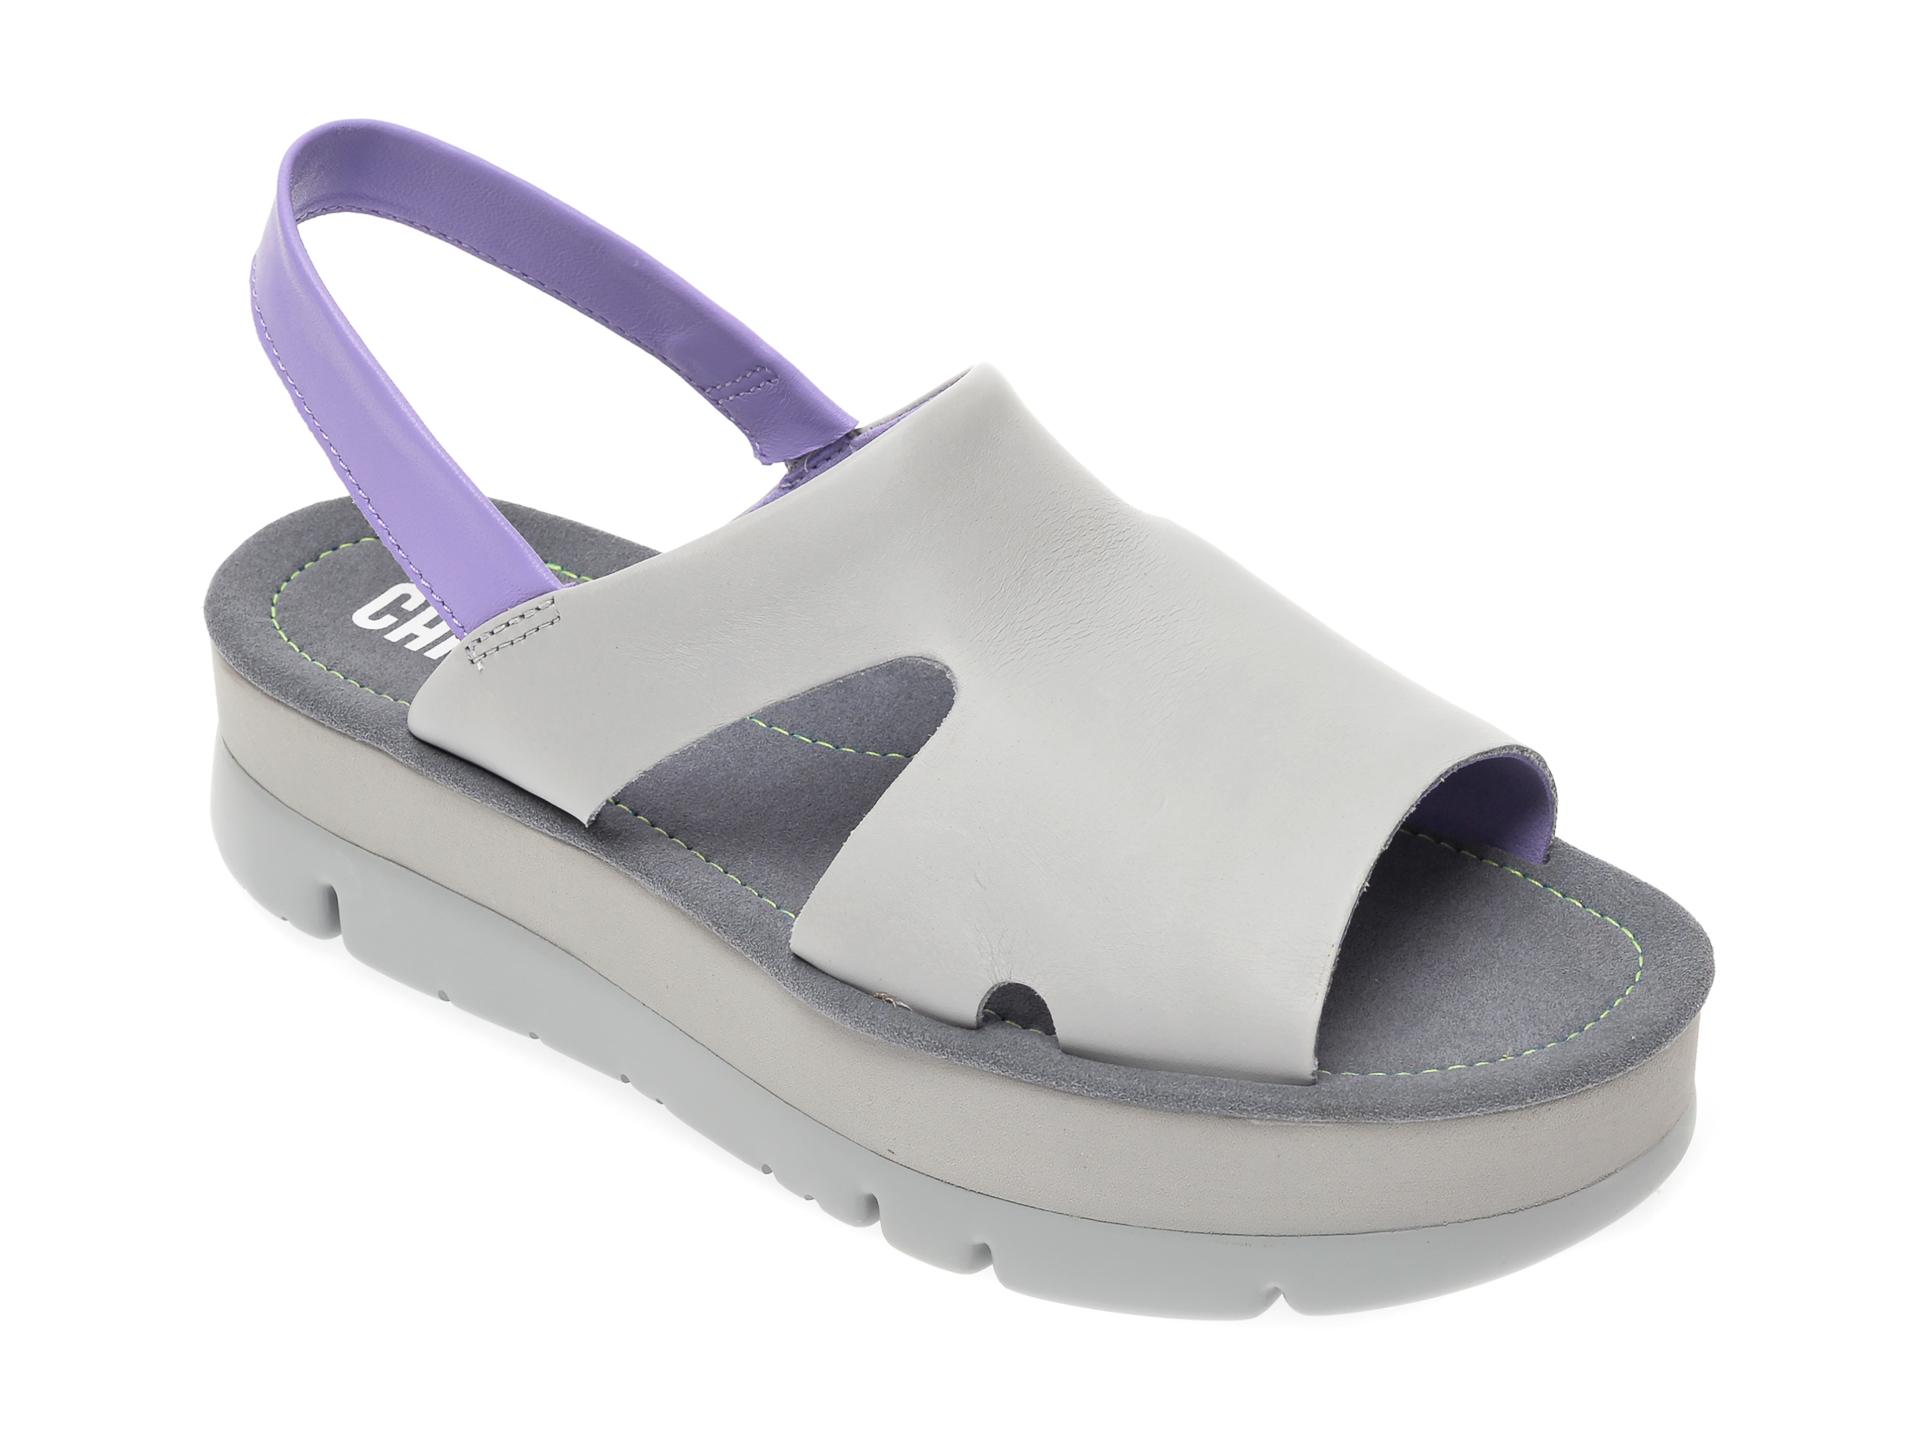 Sandale CAMPER gri, K200848, din piele naturala imagine